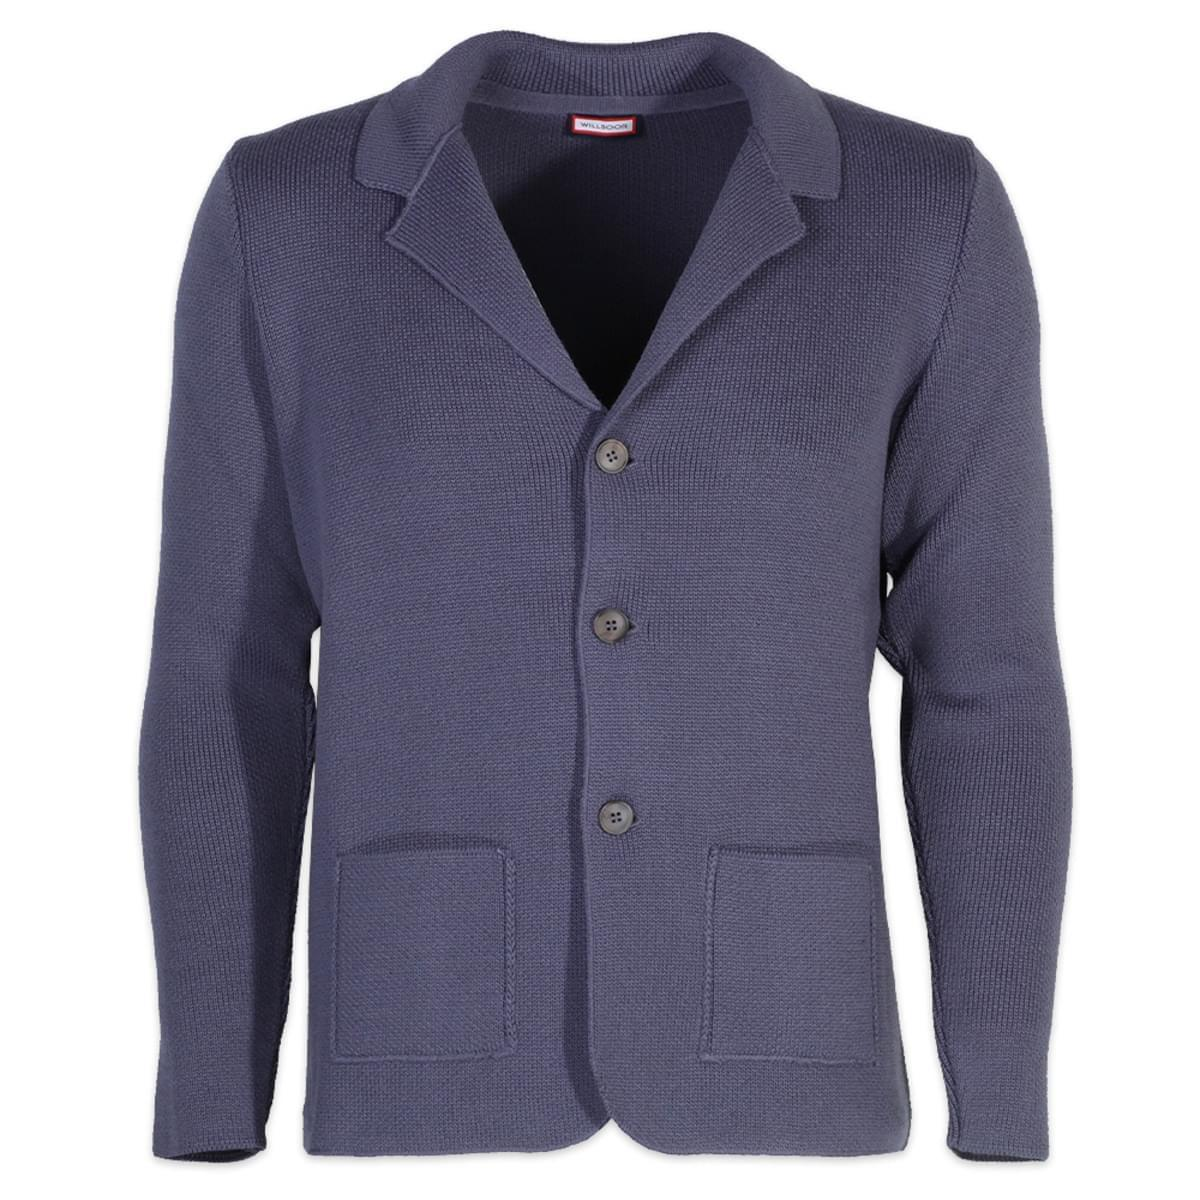 Pánský svetr na knoflíky Willsoor 6108 v modré barvě L